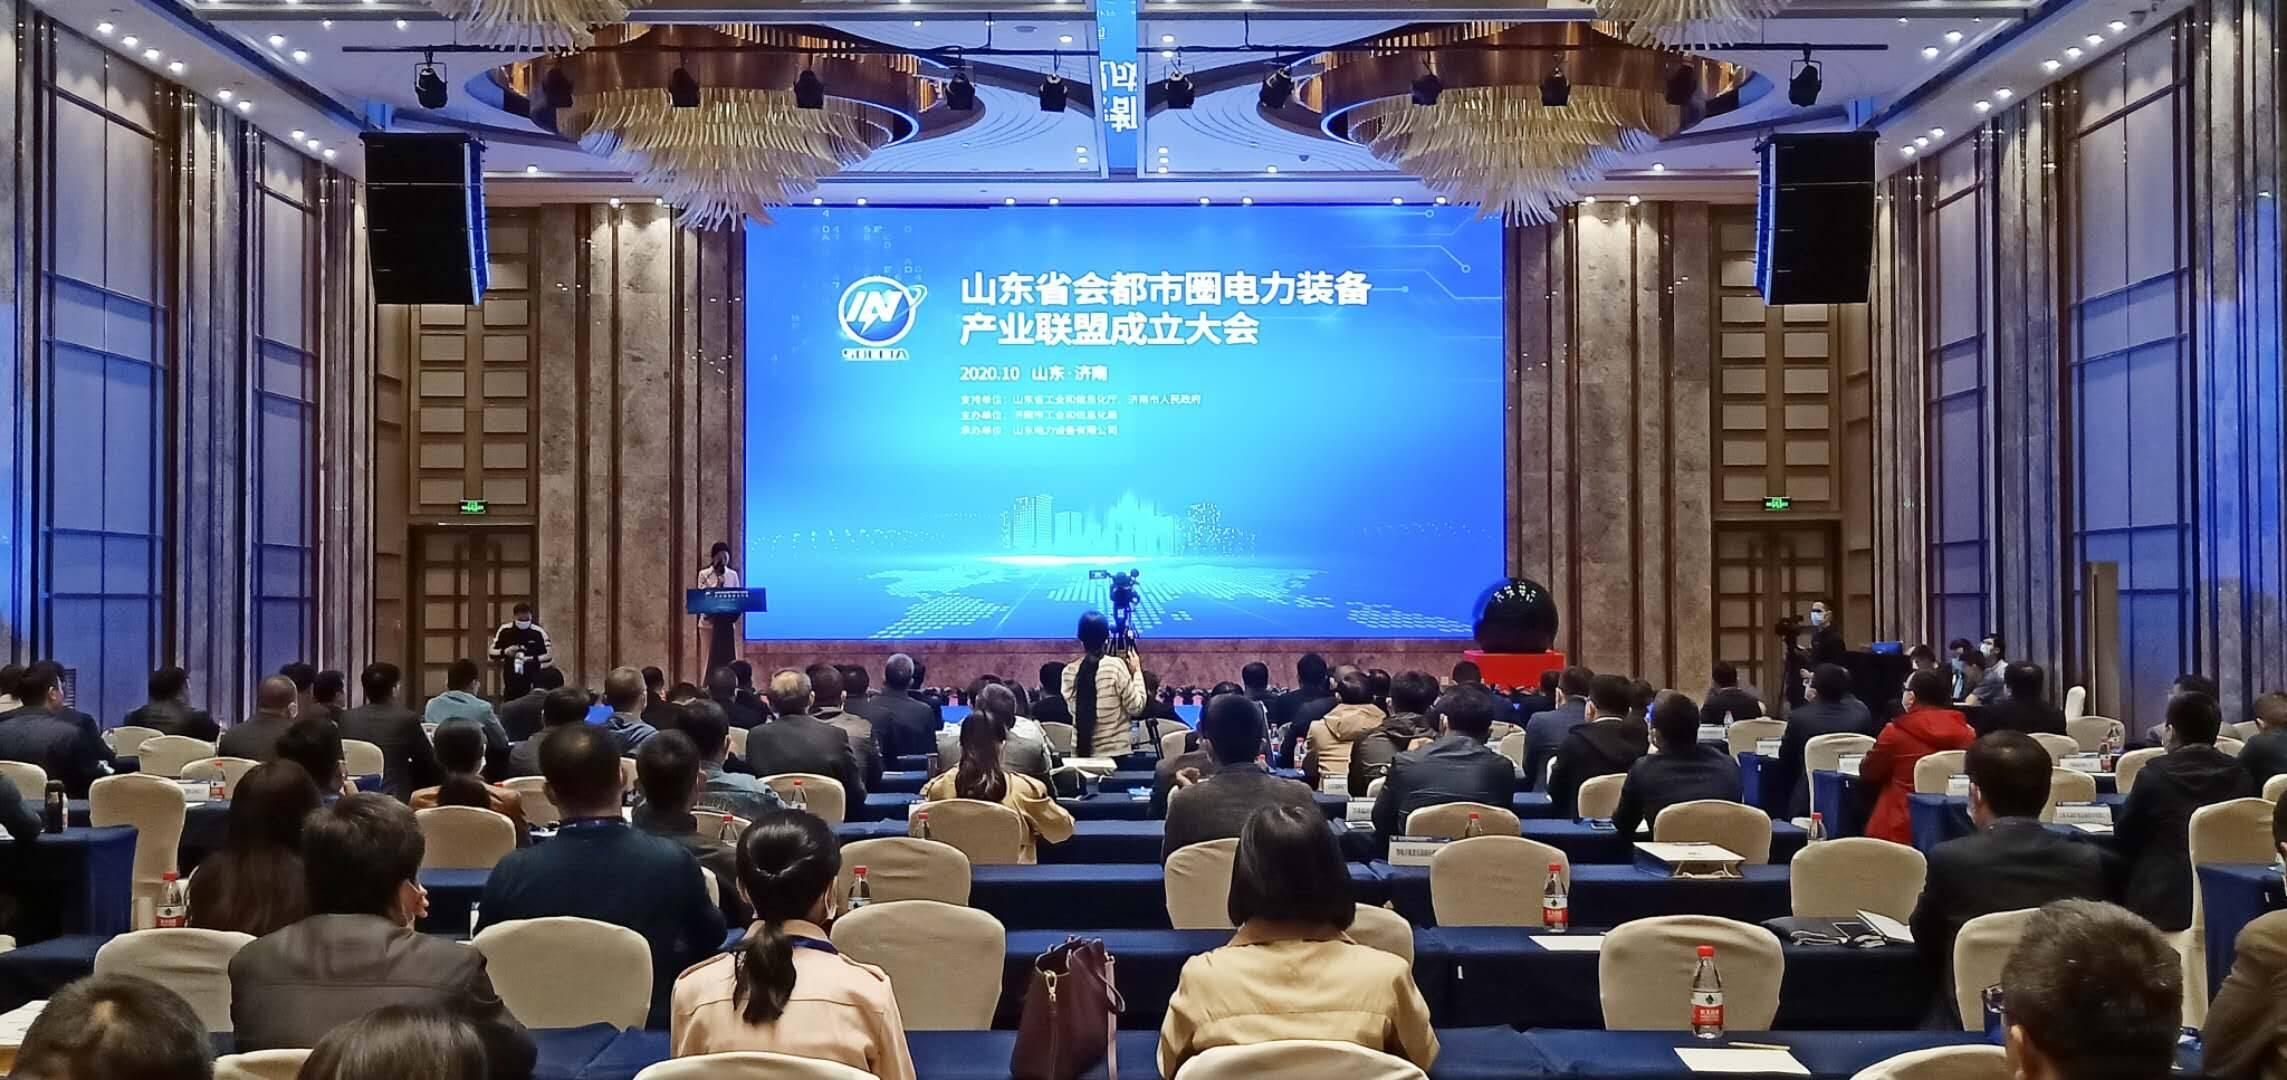 山东省会都市圈电力装备产业联盟成立 打造以济南为核心的高端装备产业基地